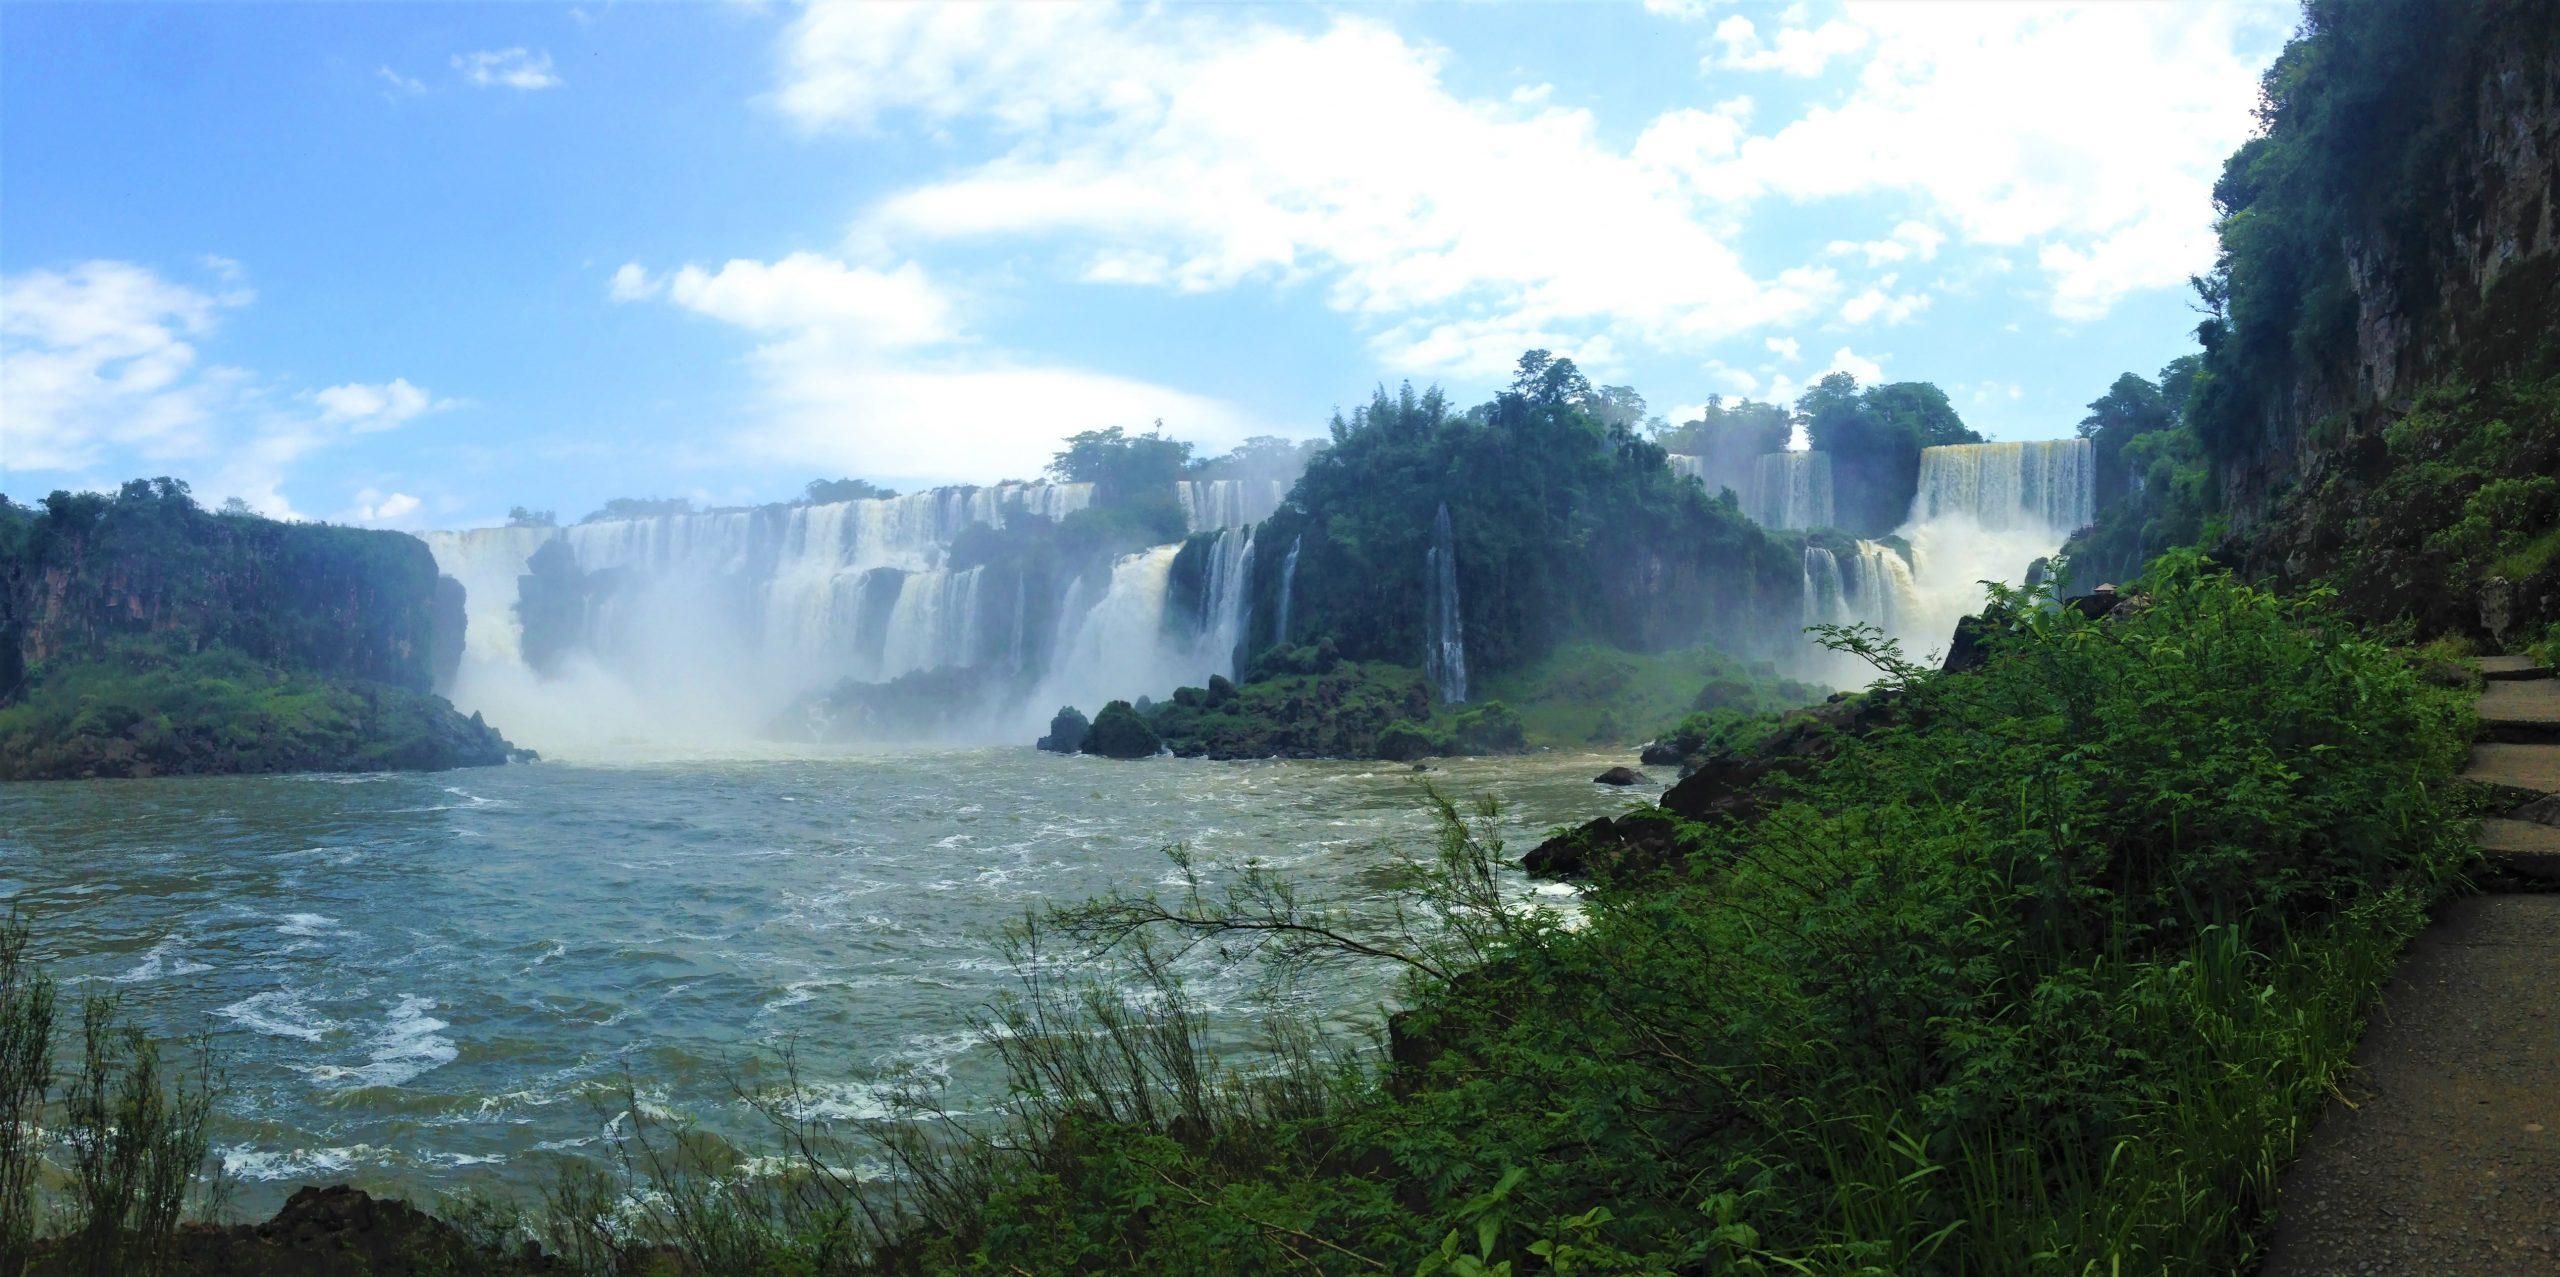 Iguacu argentine